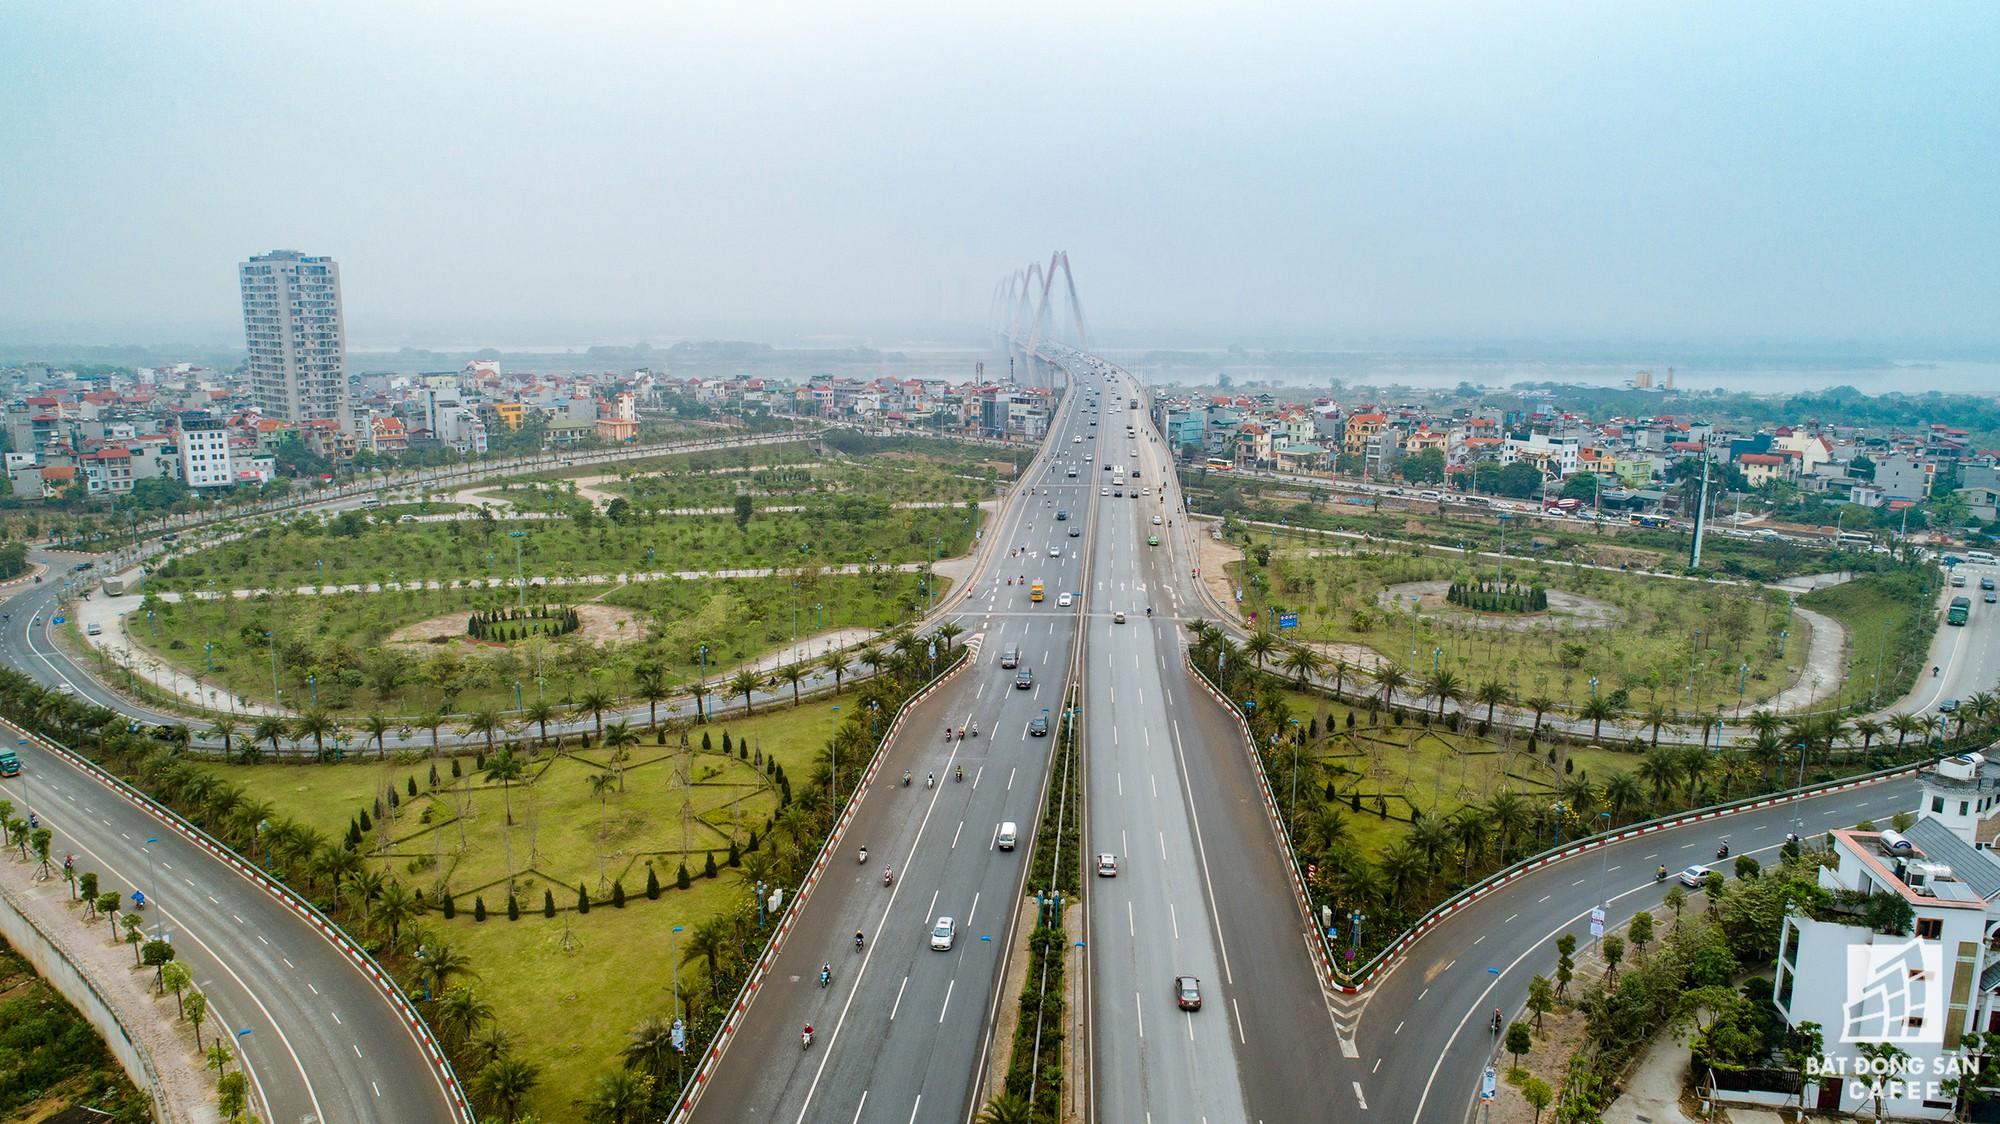 Cận cảnh hàng loạt dự án cao ốc dọc trục đường 8 làn xe tại trung tâm Hà Nội - Ảnh 1.